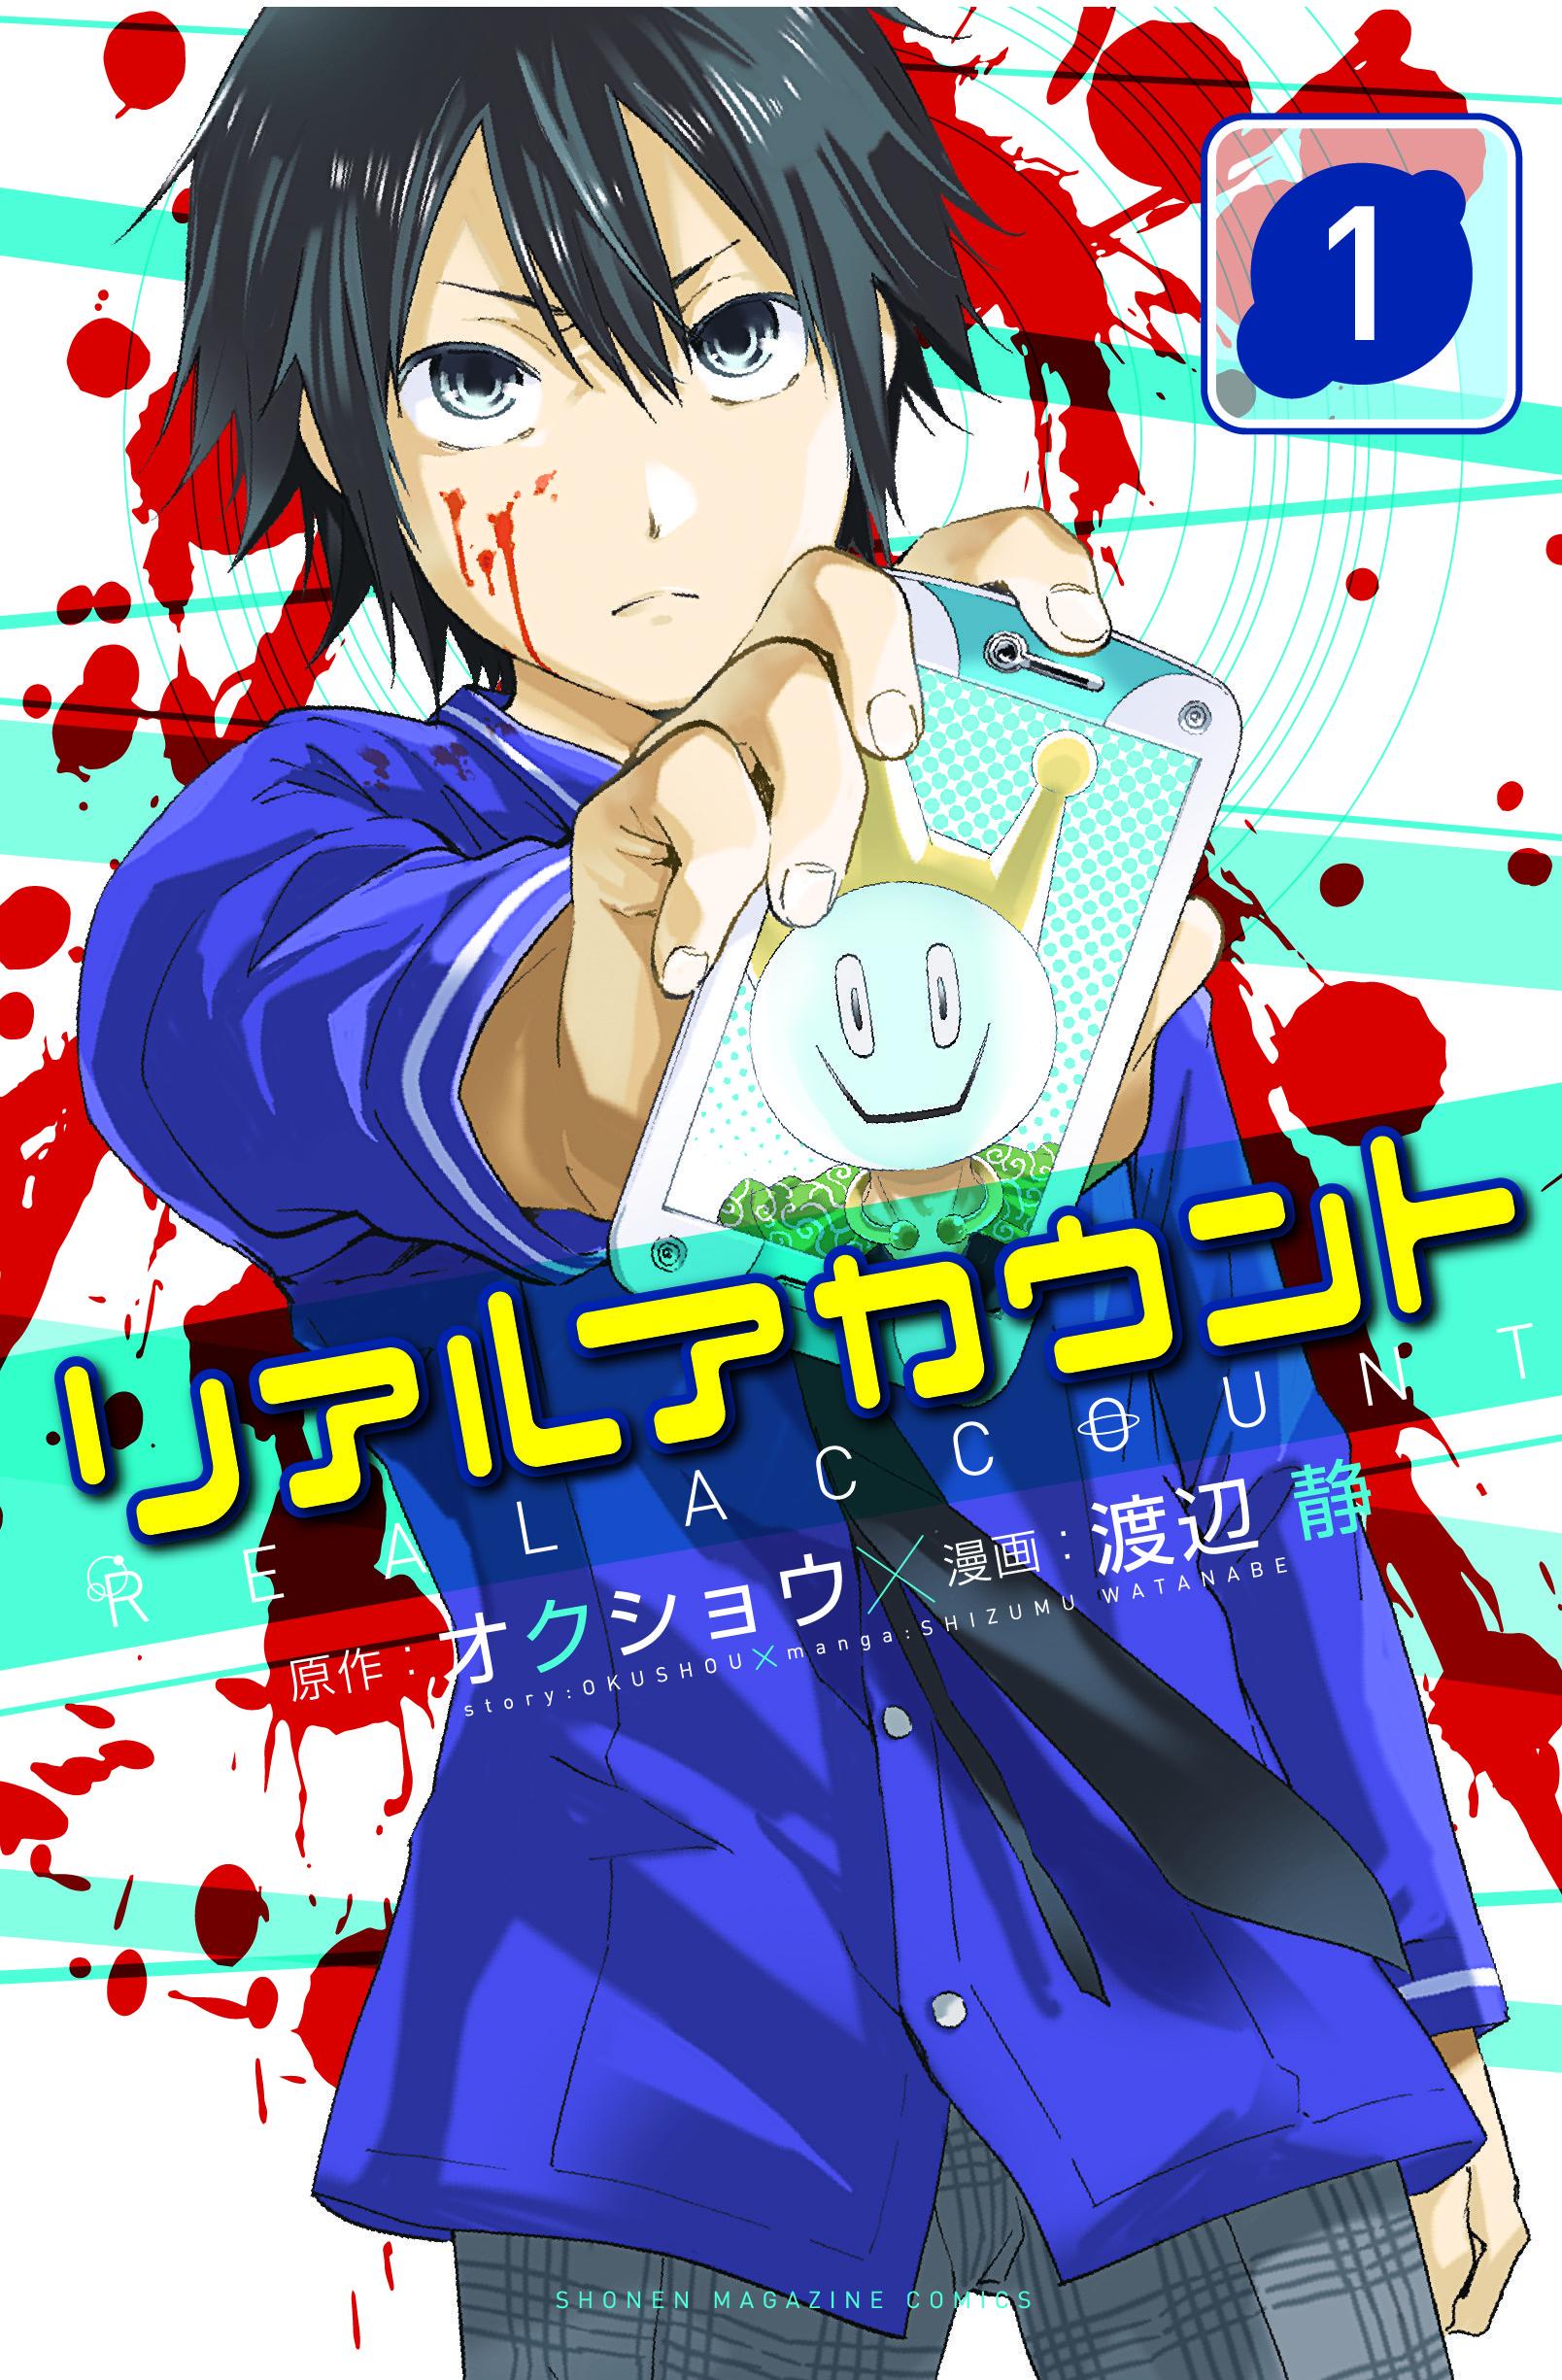 El manga Real Account tendrá un importante anuncio el 17 de enero